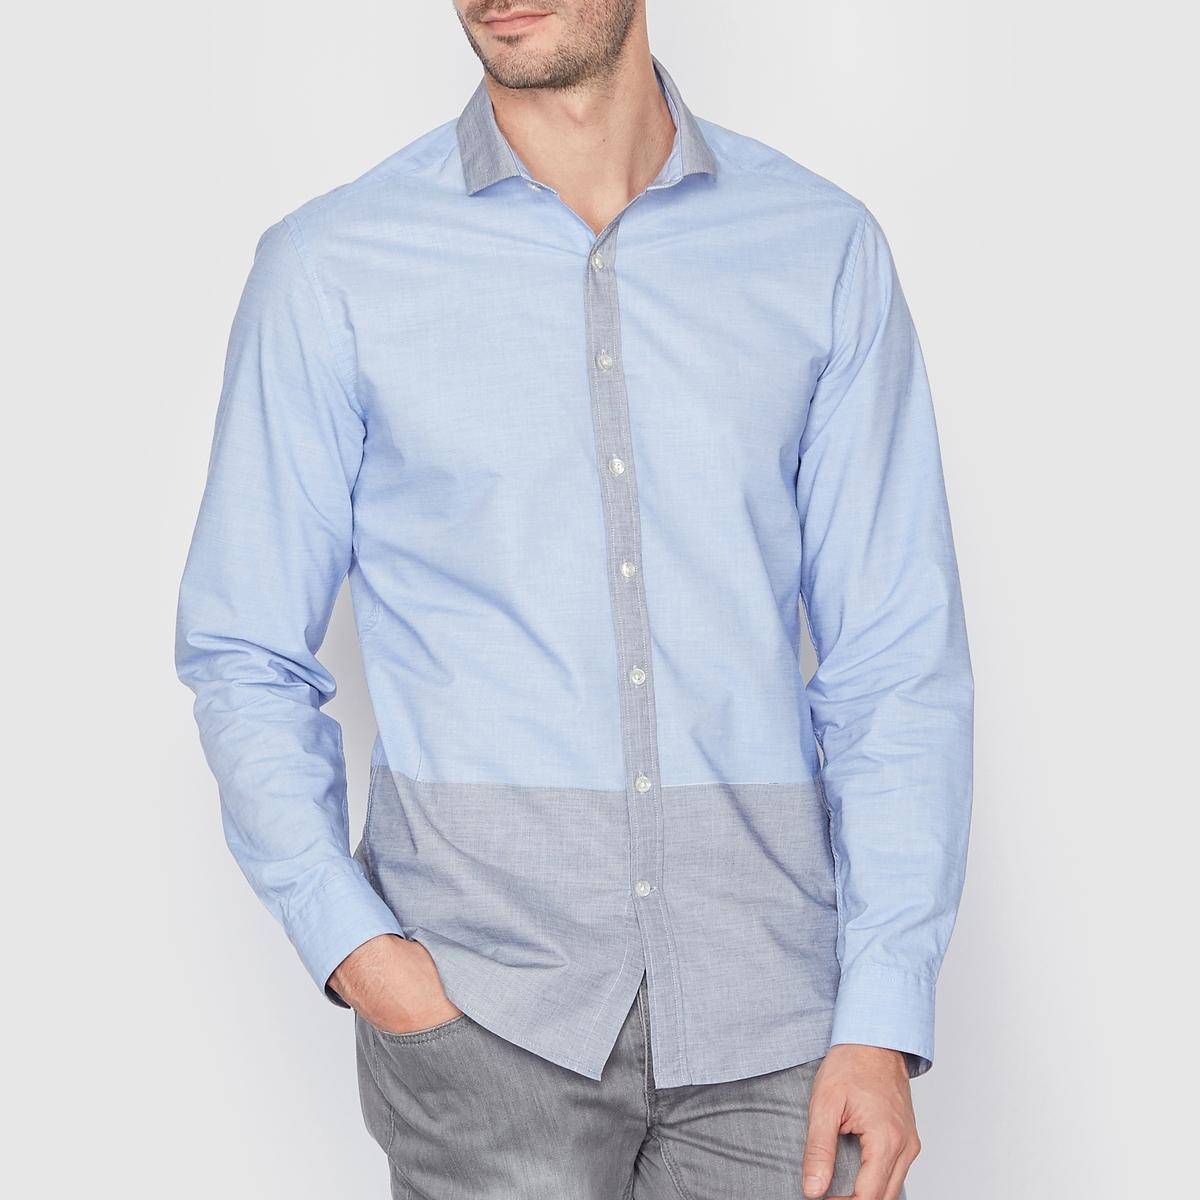 Рубашка двухцветная, 100% хлопкаРубашка в стиле кэжуал, узкого (облегающего) покроя, воротник с краями на пуговицы. Нагрудный карман . Воротник, планка с пуговицами и низ рубашки контрастного цвета. Длина 77 см. Блузка, 100% хлопка.<br><br>Цвет: синий<br>Размер: 47/48